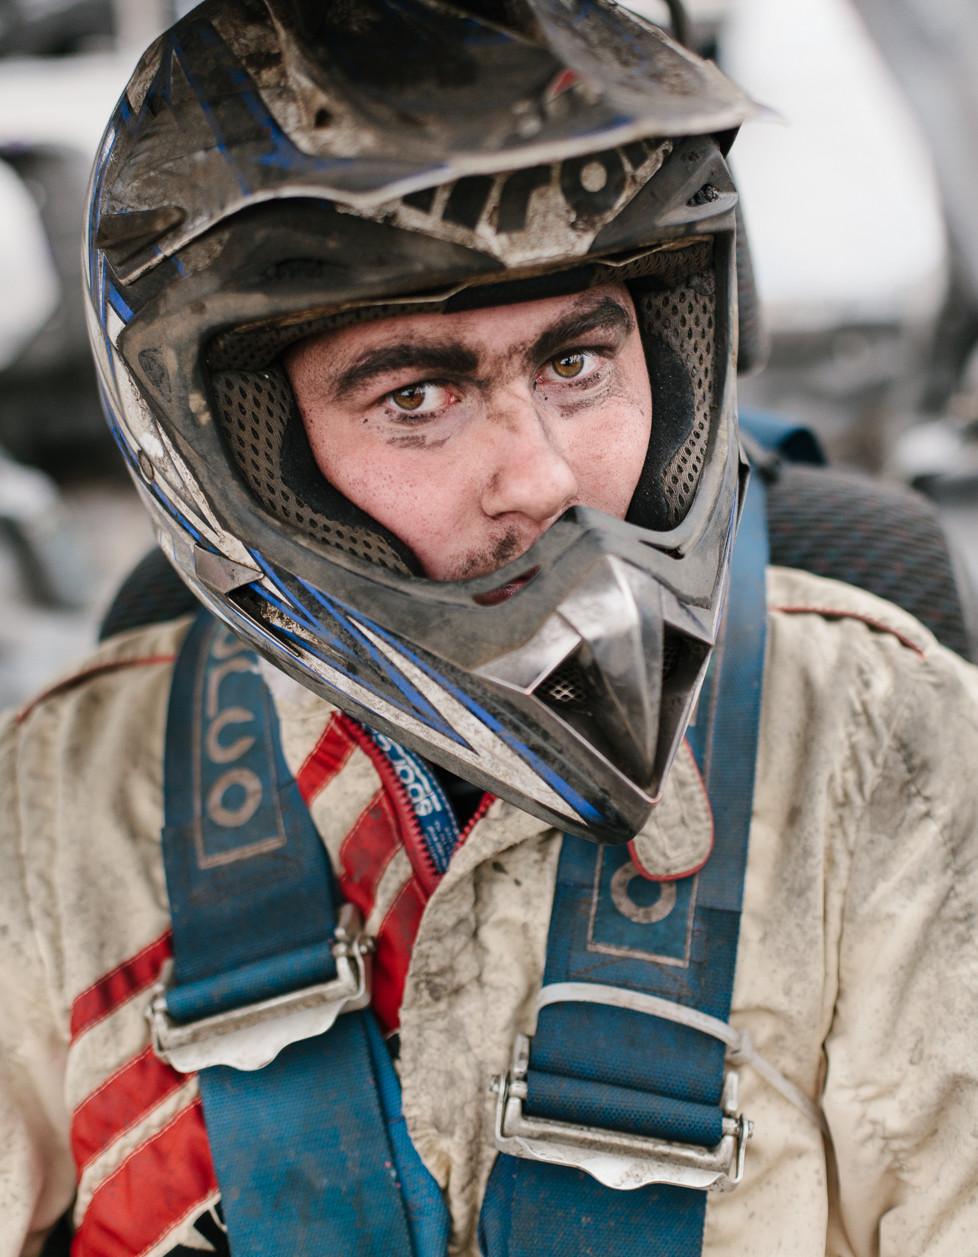 Banger racer before the race, Emmen.